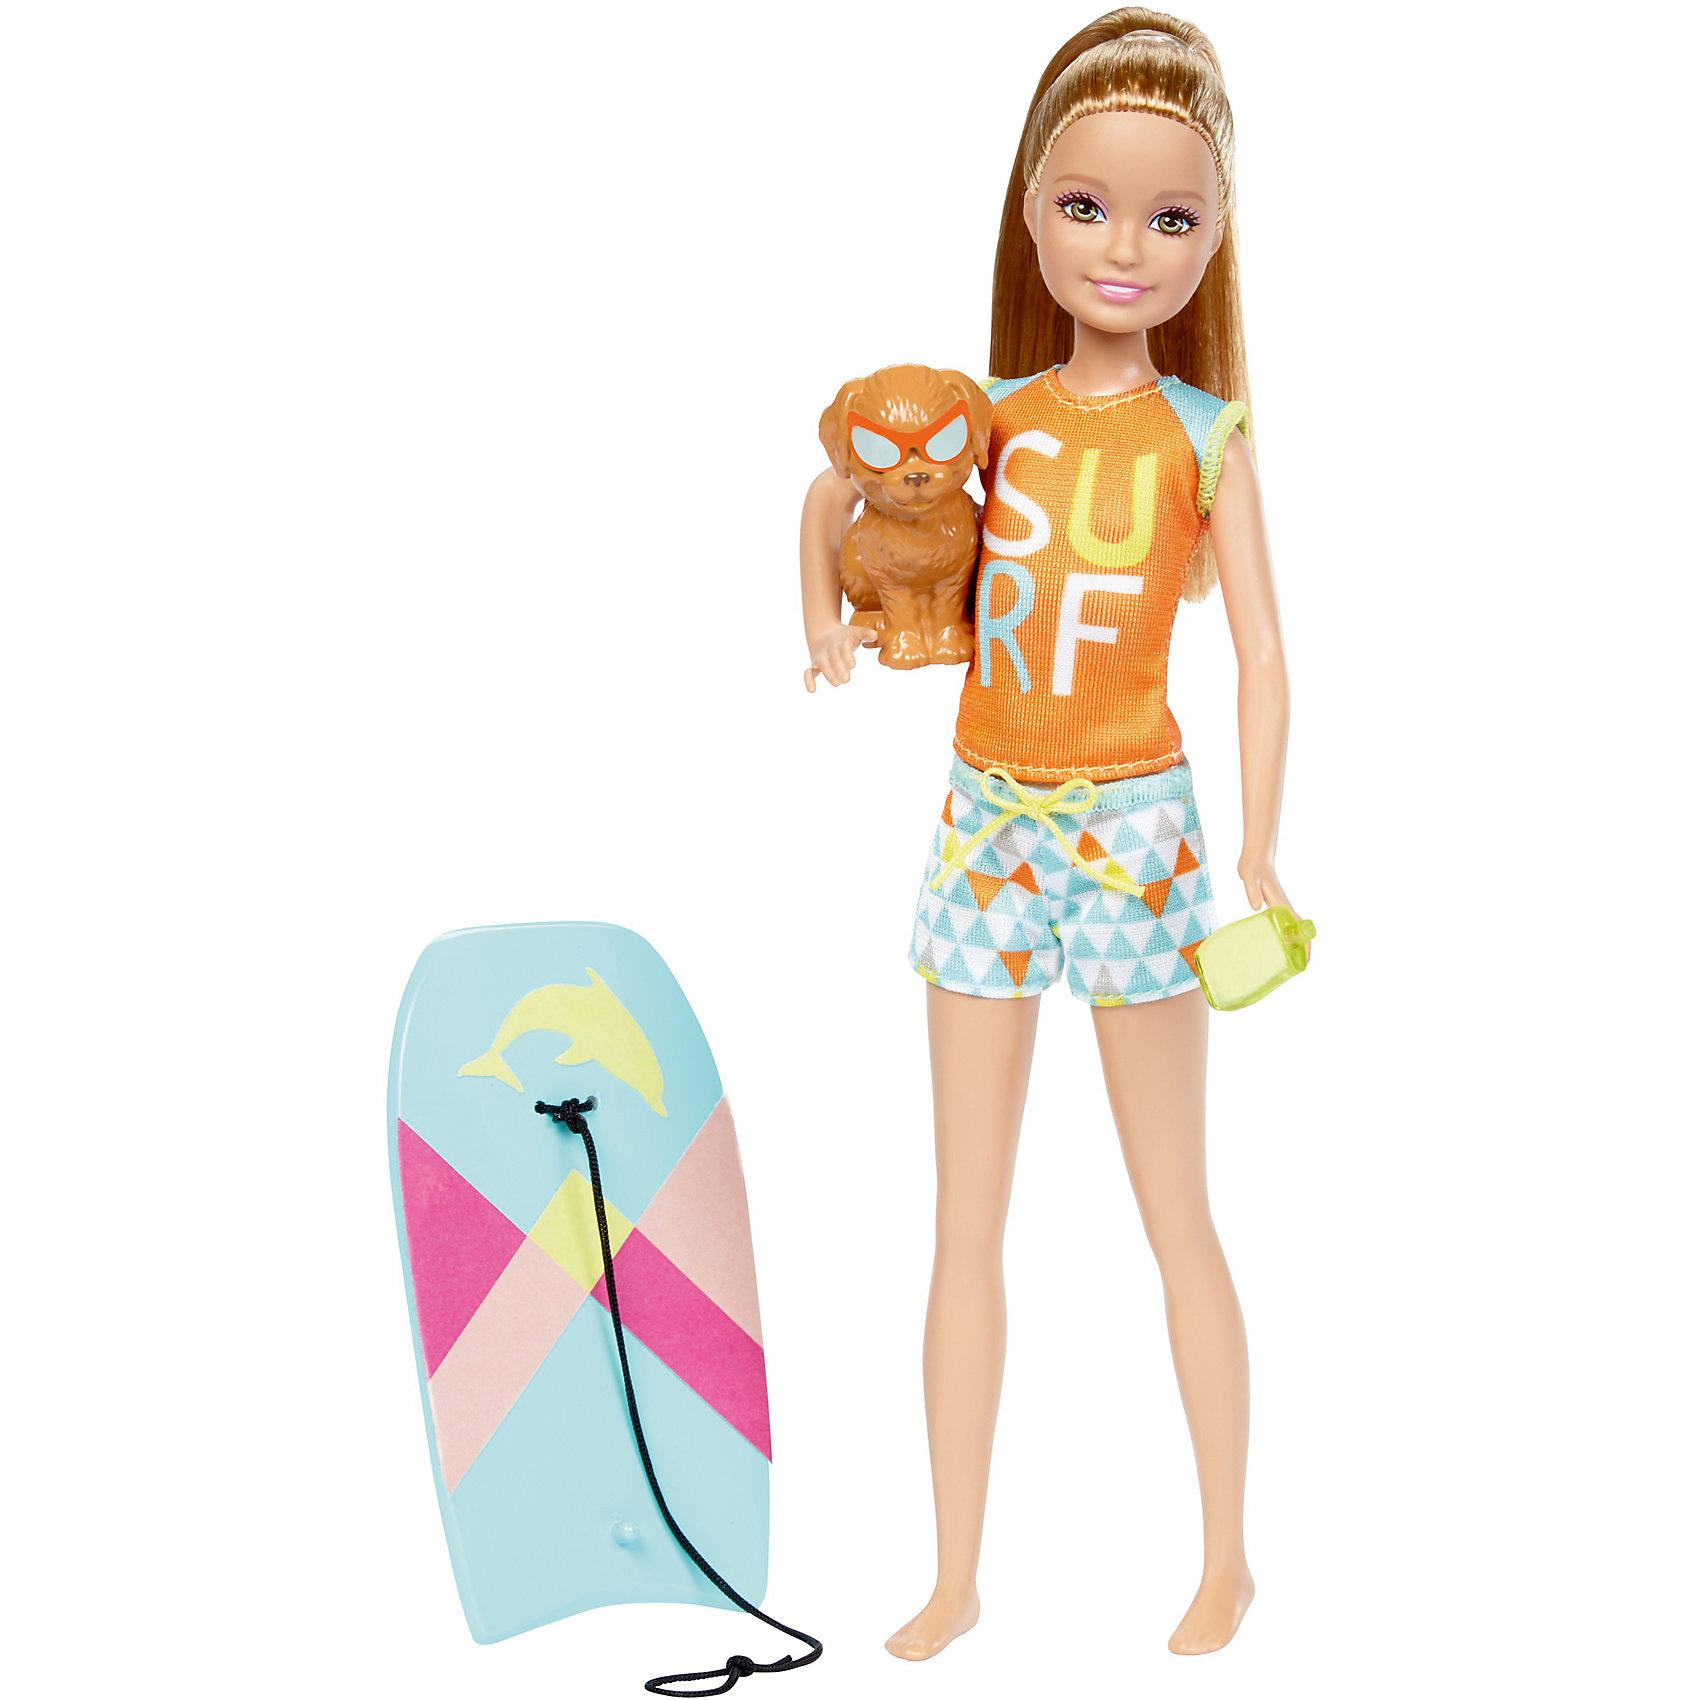 Кукла Barbie Стэйси из серии «Морские приключения»Куклы-модели<br>Характеристики товара:<br><br>• возраст: от 3 лет<br>• материал: пластик;<br>• высота куклы: 28-30 см;<br>• размер упаковки: 31X25X7 см;<br>• страна бренда: США<br>• страна изготовоитель: Китай<br><br>Кукла Stacie™ со щенком и доской для буги-бординга, которая меняет цвет. Просто нанеси теплую воду и посмотри, как цвет изменится мгновенно!<br><br>Дополнительные аксессуары - солнцезащитный крем у Stacie™— еще больше возможностей для игры. Щенок принимает милые позы и носит аксессуары, гармонирующие с?образом куклы.<br><br>Куклу Barbie Стэйси из серии «Морские приключения» можно купить в нашем интернет-магазине.<br><br>Ширина мм: 324<br>Глубина мм: 154<br>Высота мм: 38<br>Вес г: 173<br>Возраст от месяцев: 36<br>Возраст до месяцев: 72<br>Пол: Женский<br>Возраст: Детский<br>SKU: 6739679